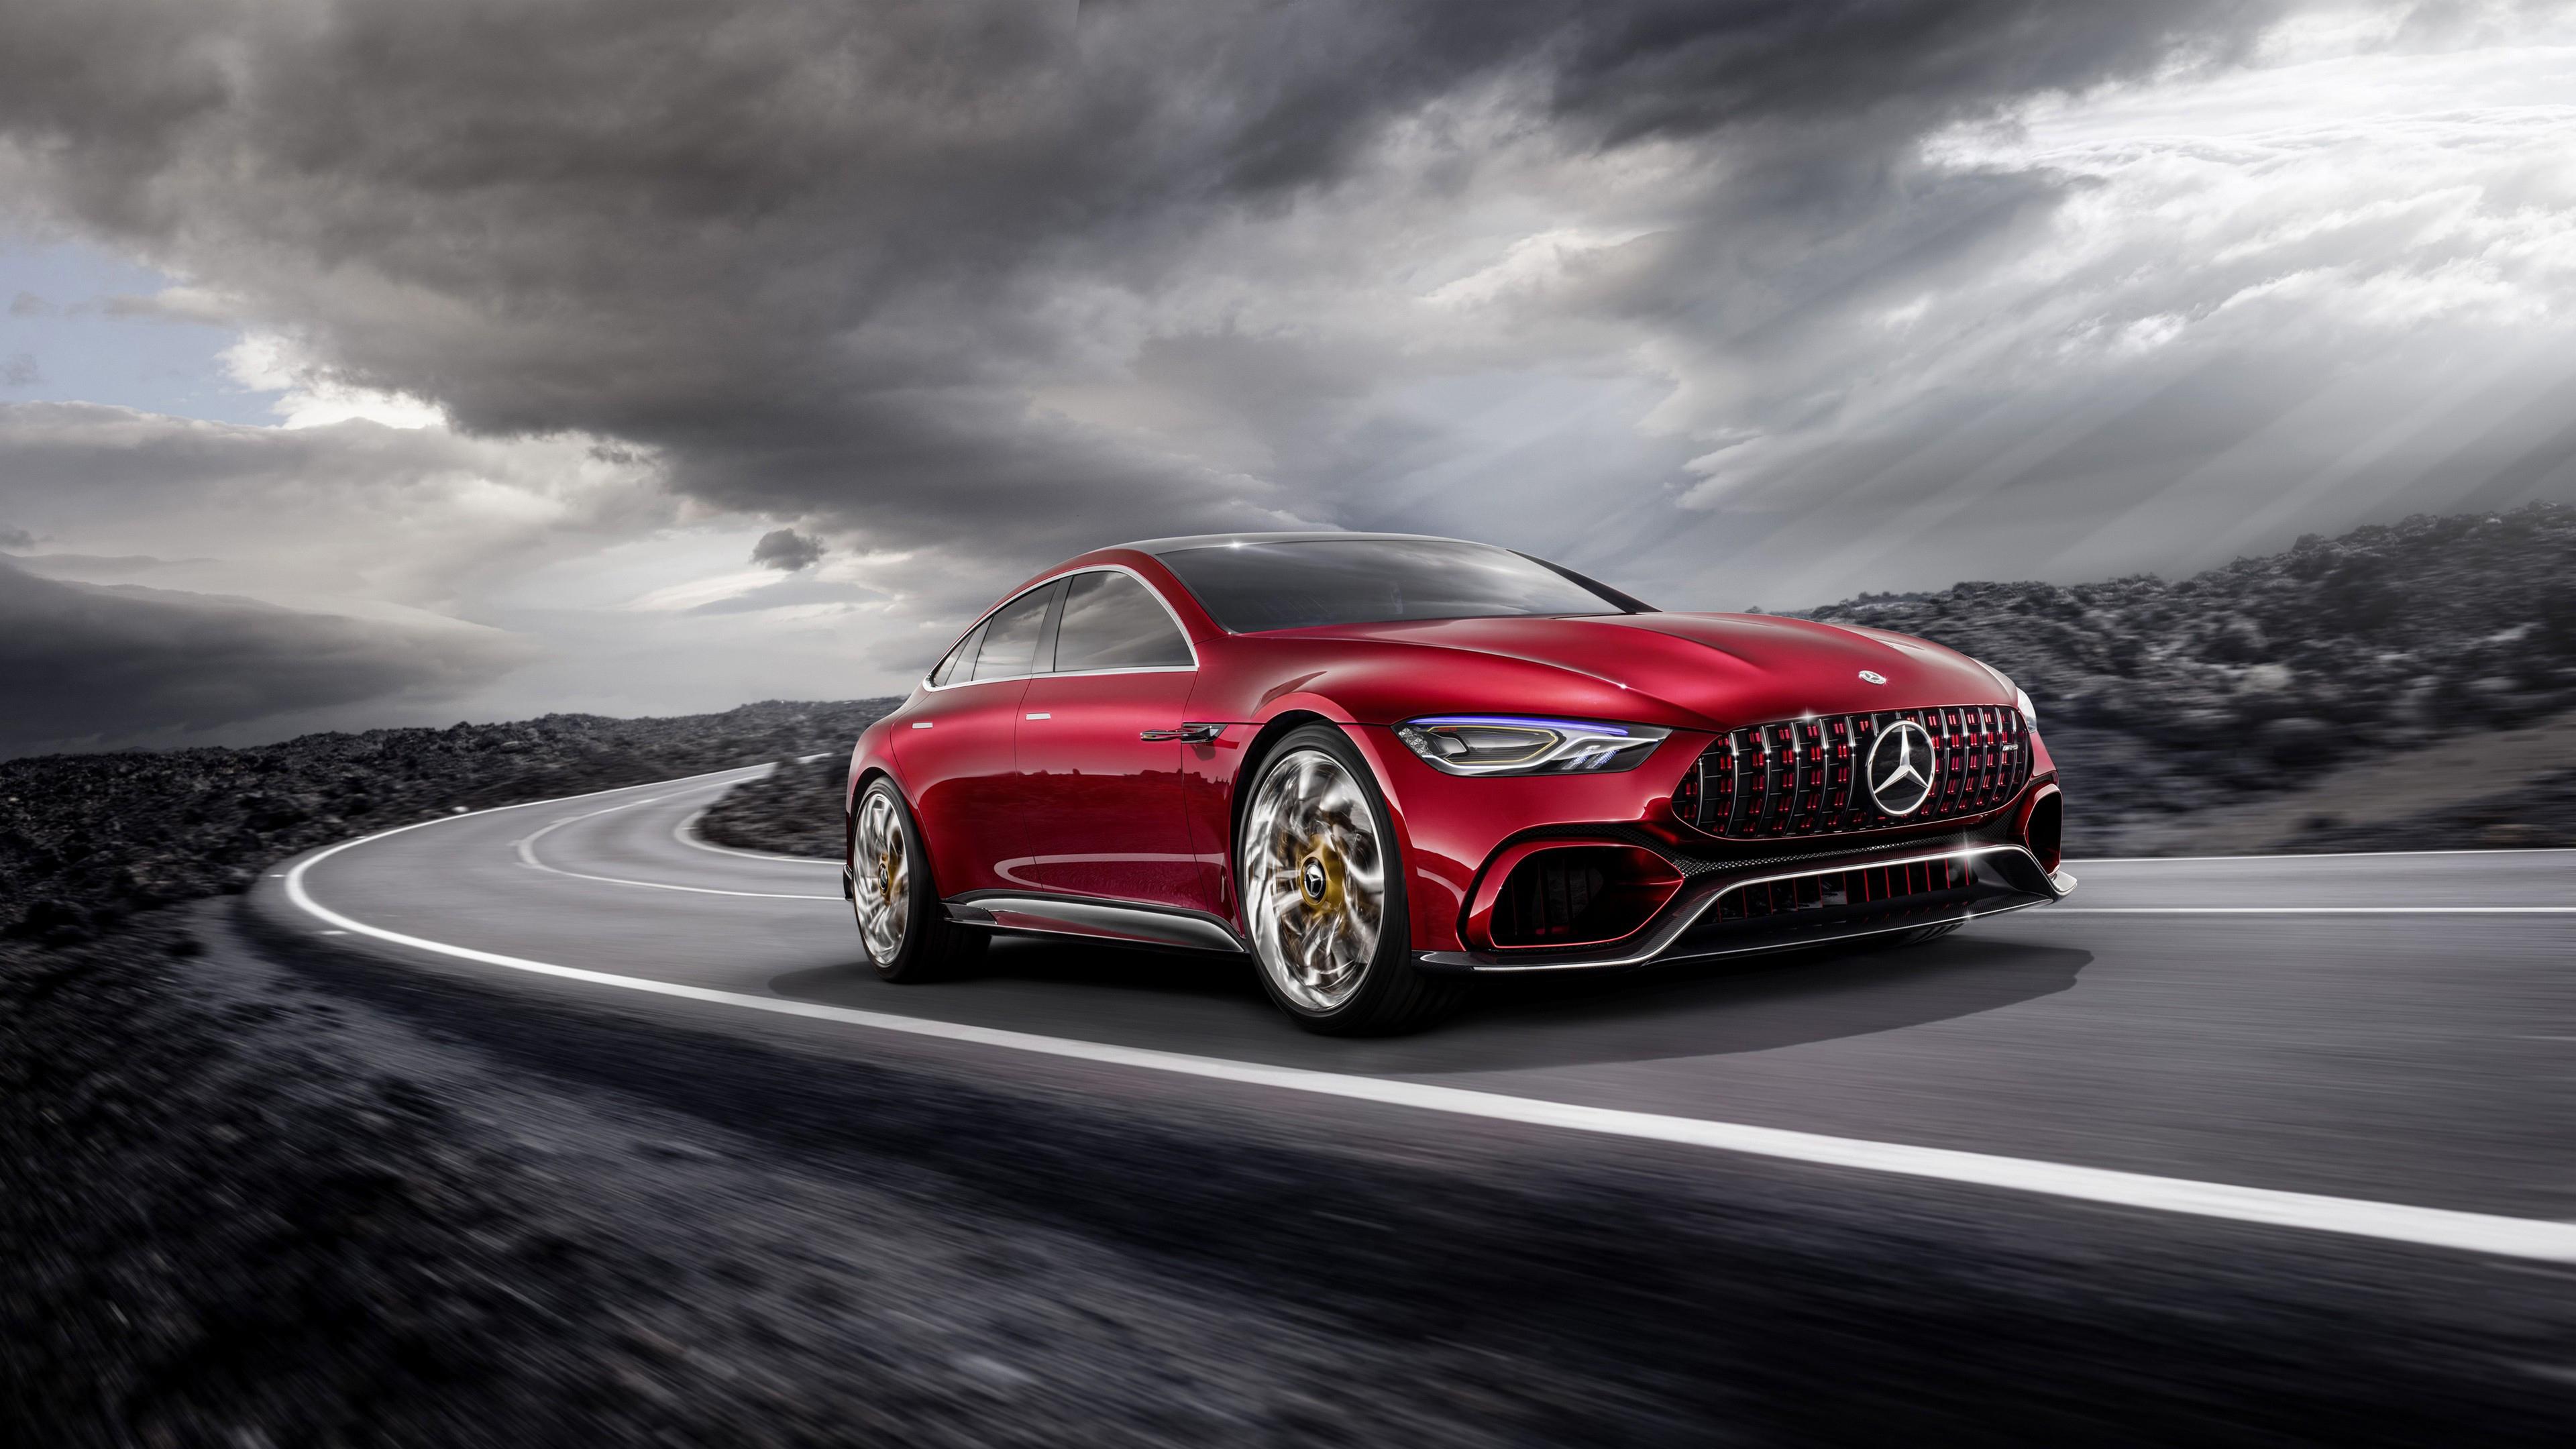 Ярко-красный блестящий автомобиль